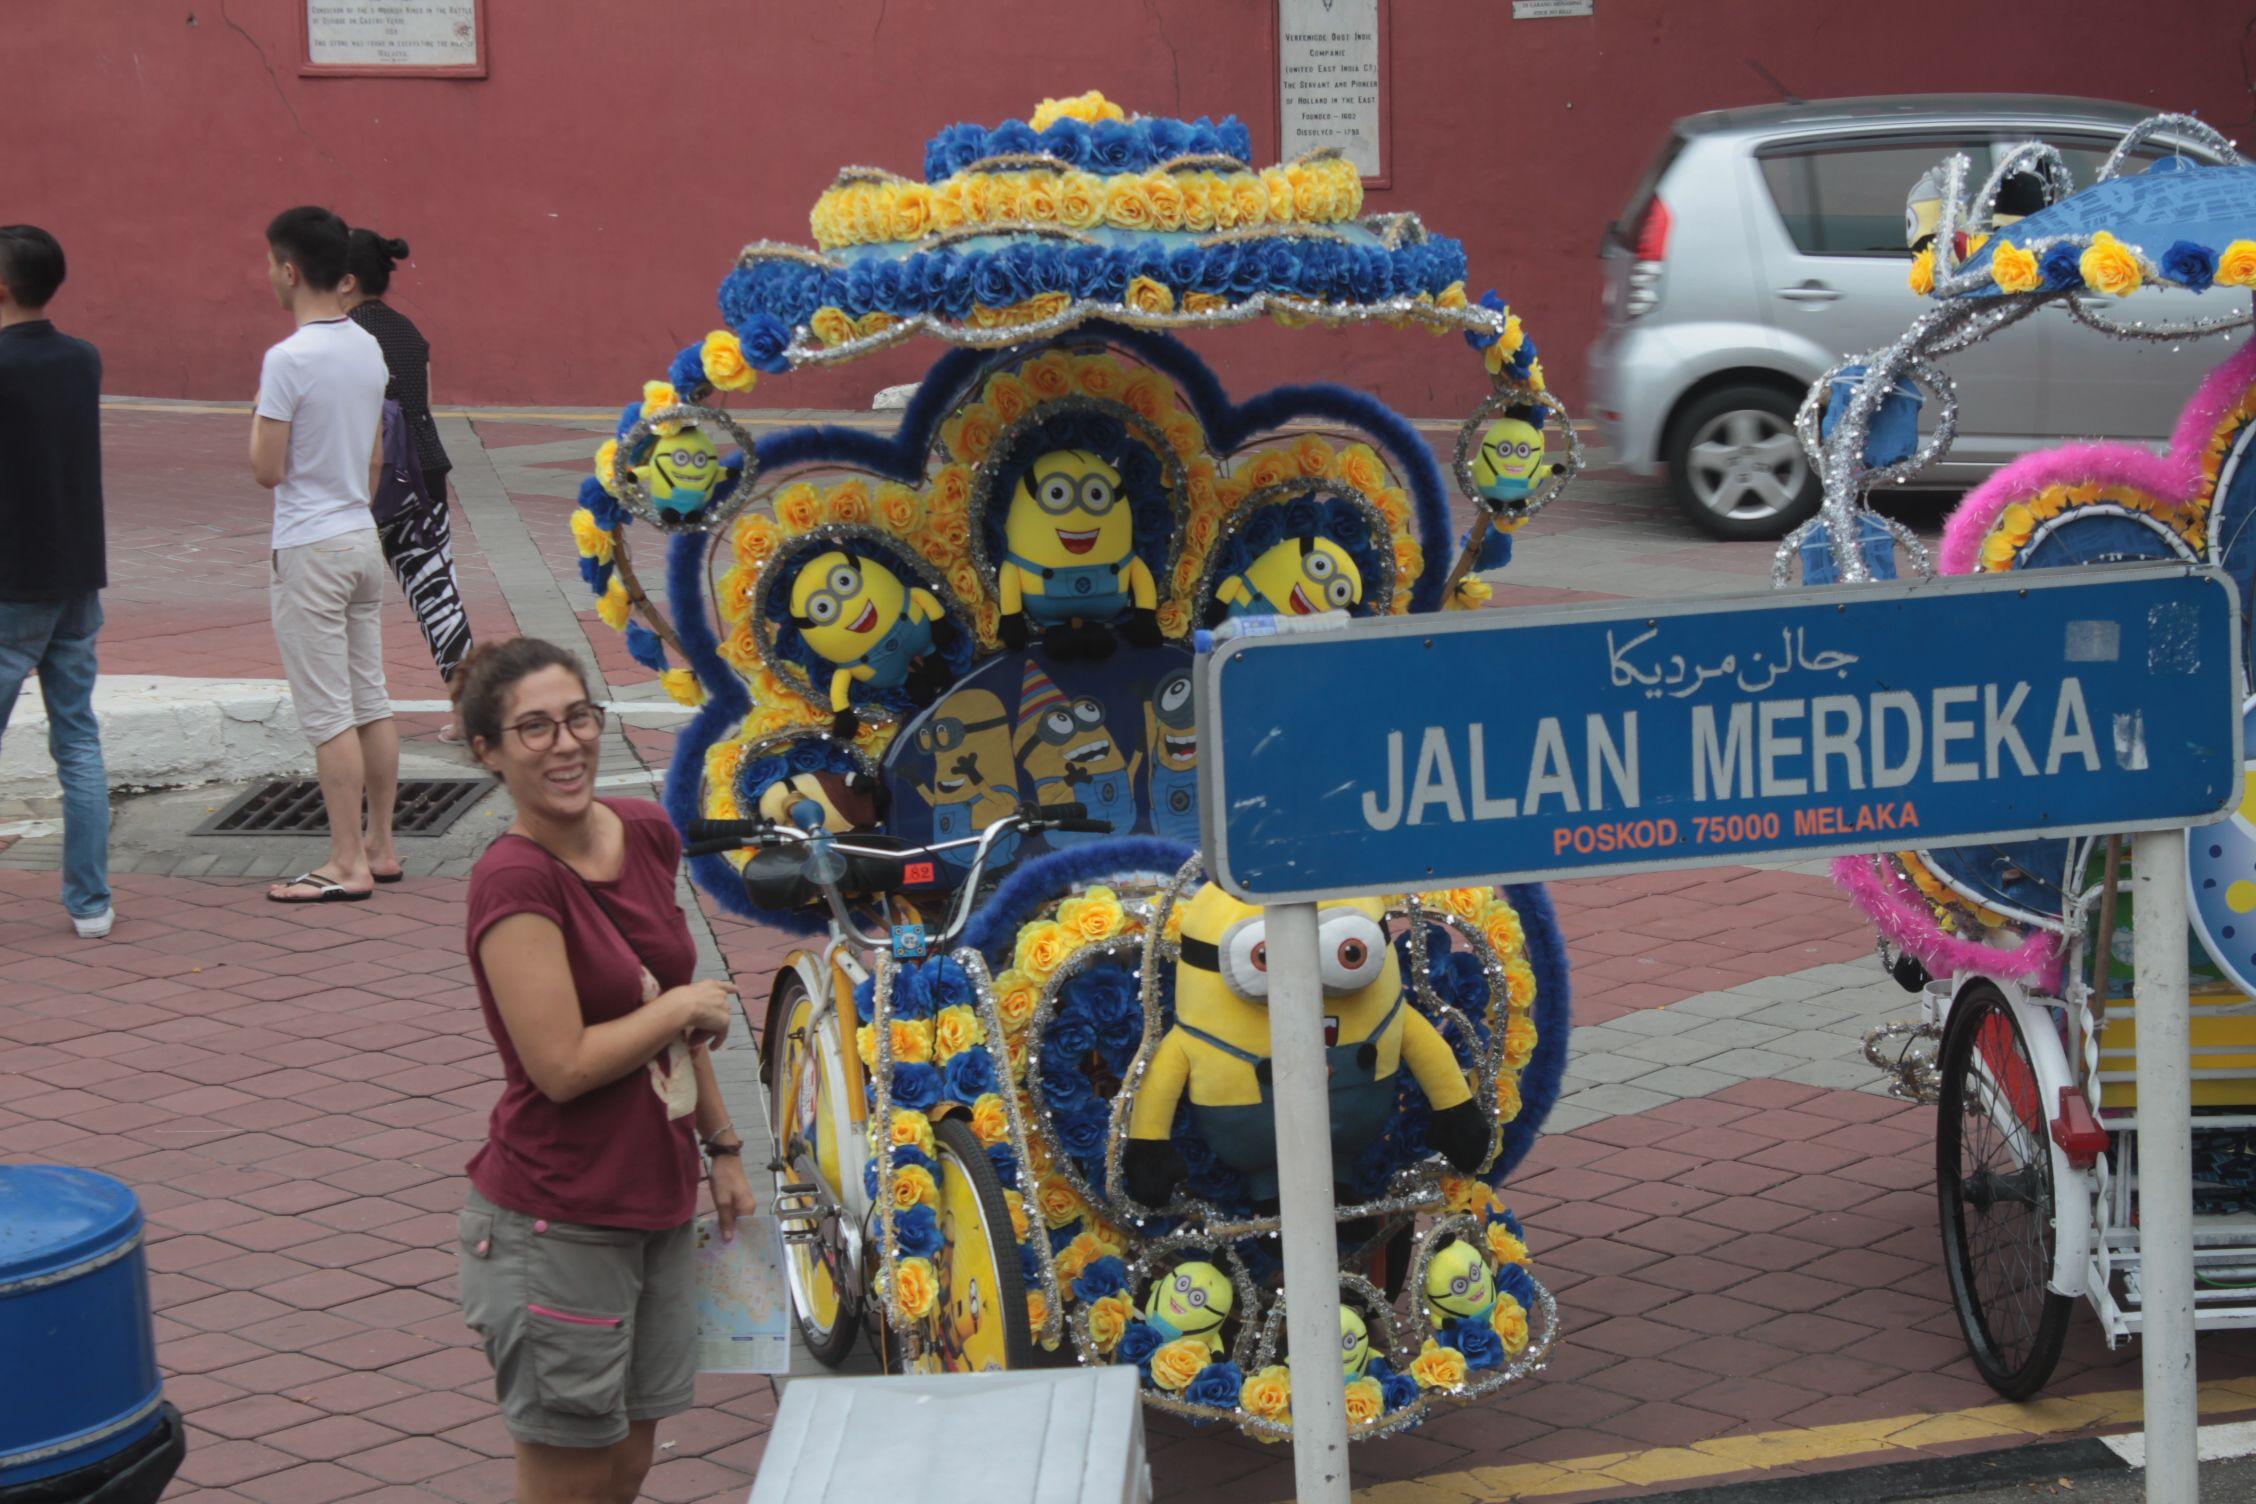 A los tuk-tuks de Melaka se les ha ido de las manos el decorado